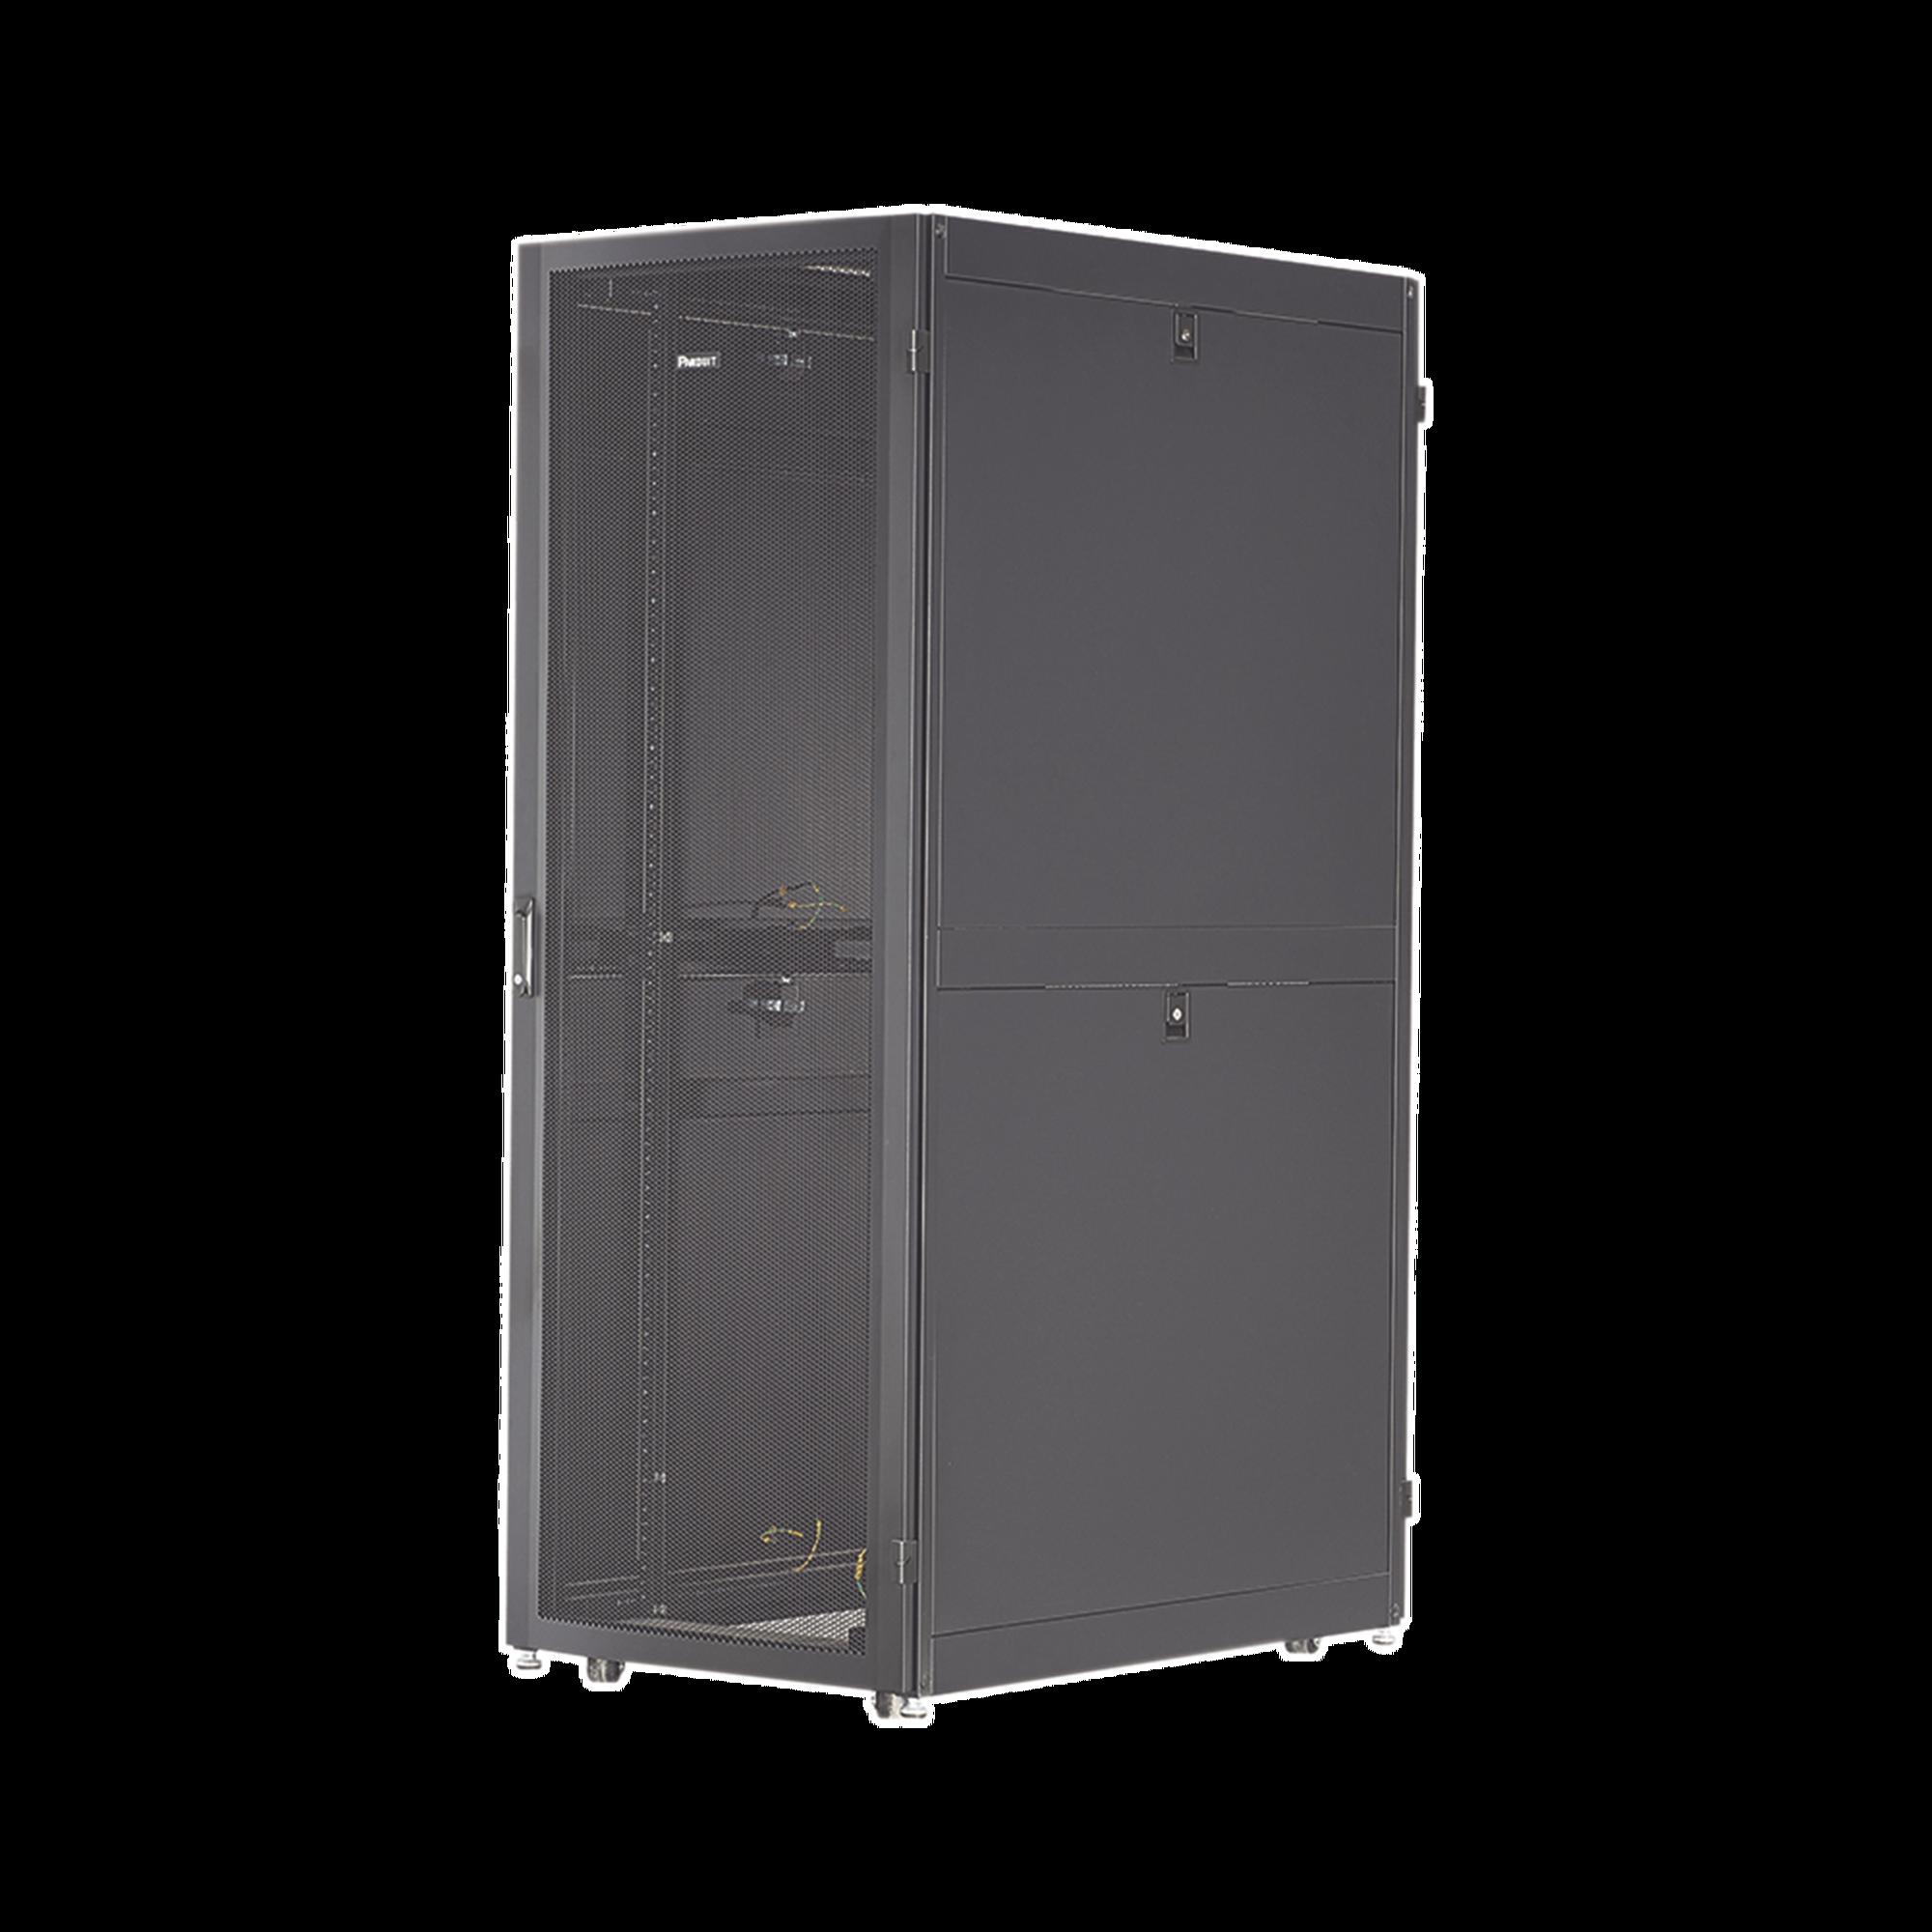 Gabinete Net-Verse para Centros de Datos, 45UR, 800mm de Ancho, 1000mm de Profundidad, Fabricado en Acero, Color Negro